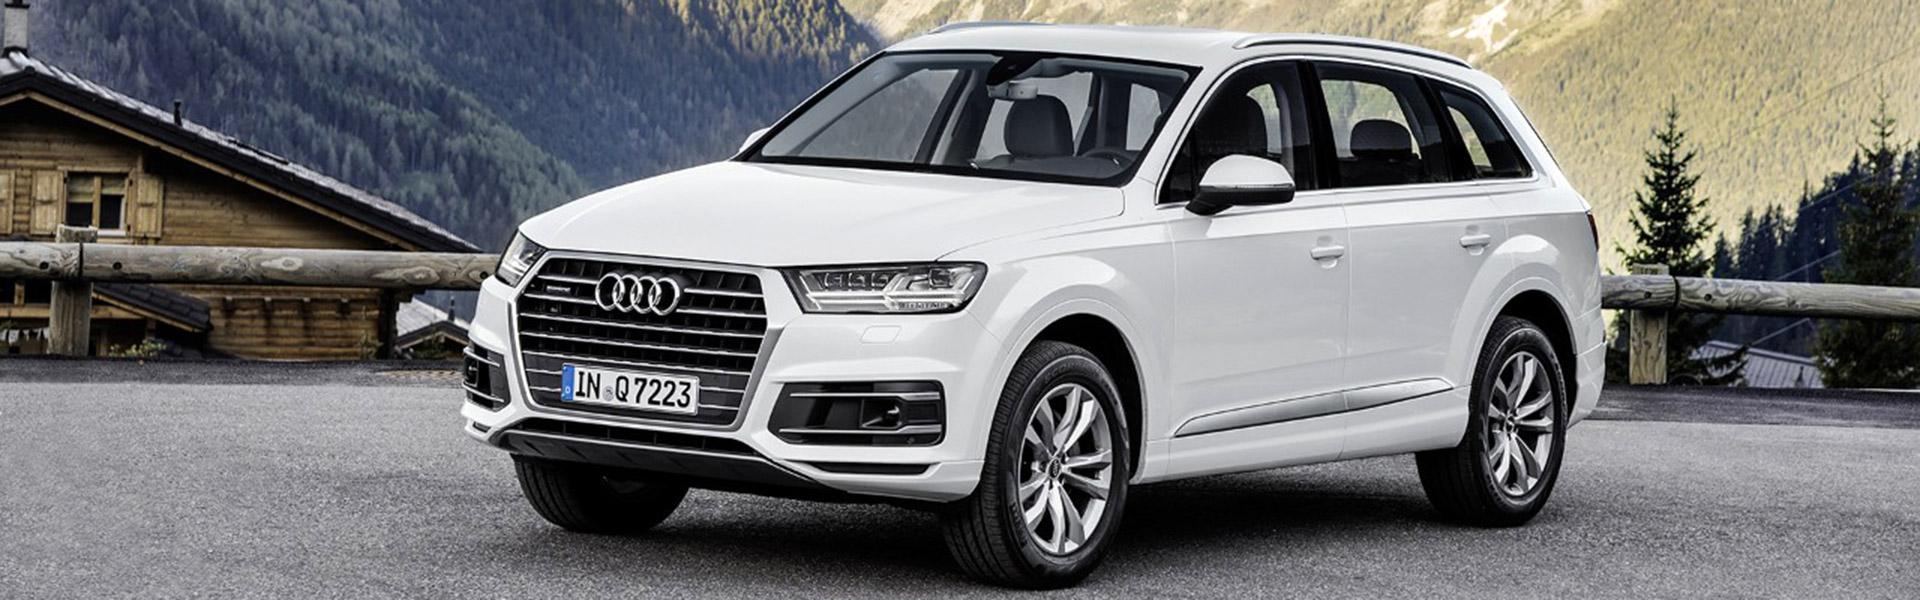 Επίσημος εισαγωγέας αυτοκινήτων και ανταλλακτικών Volkswagen-Audi